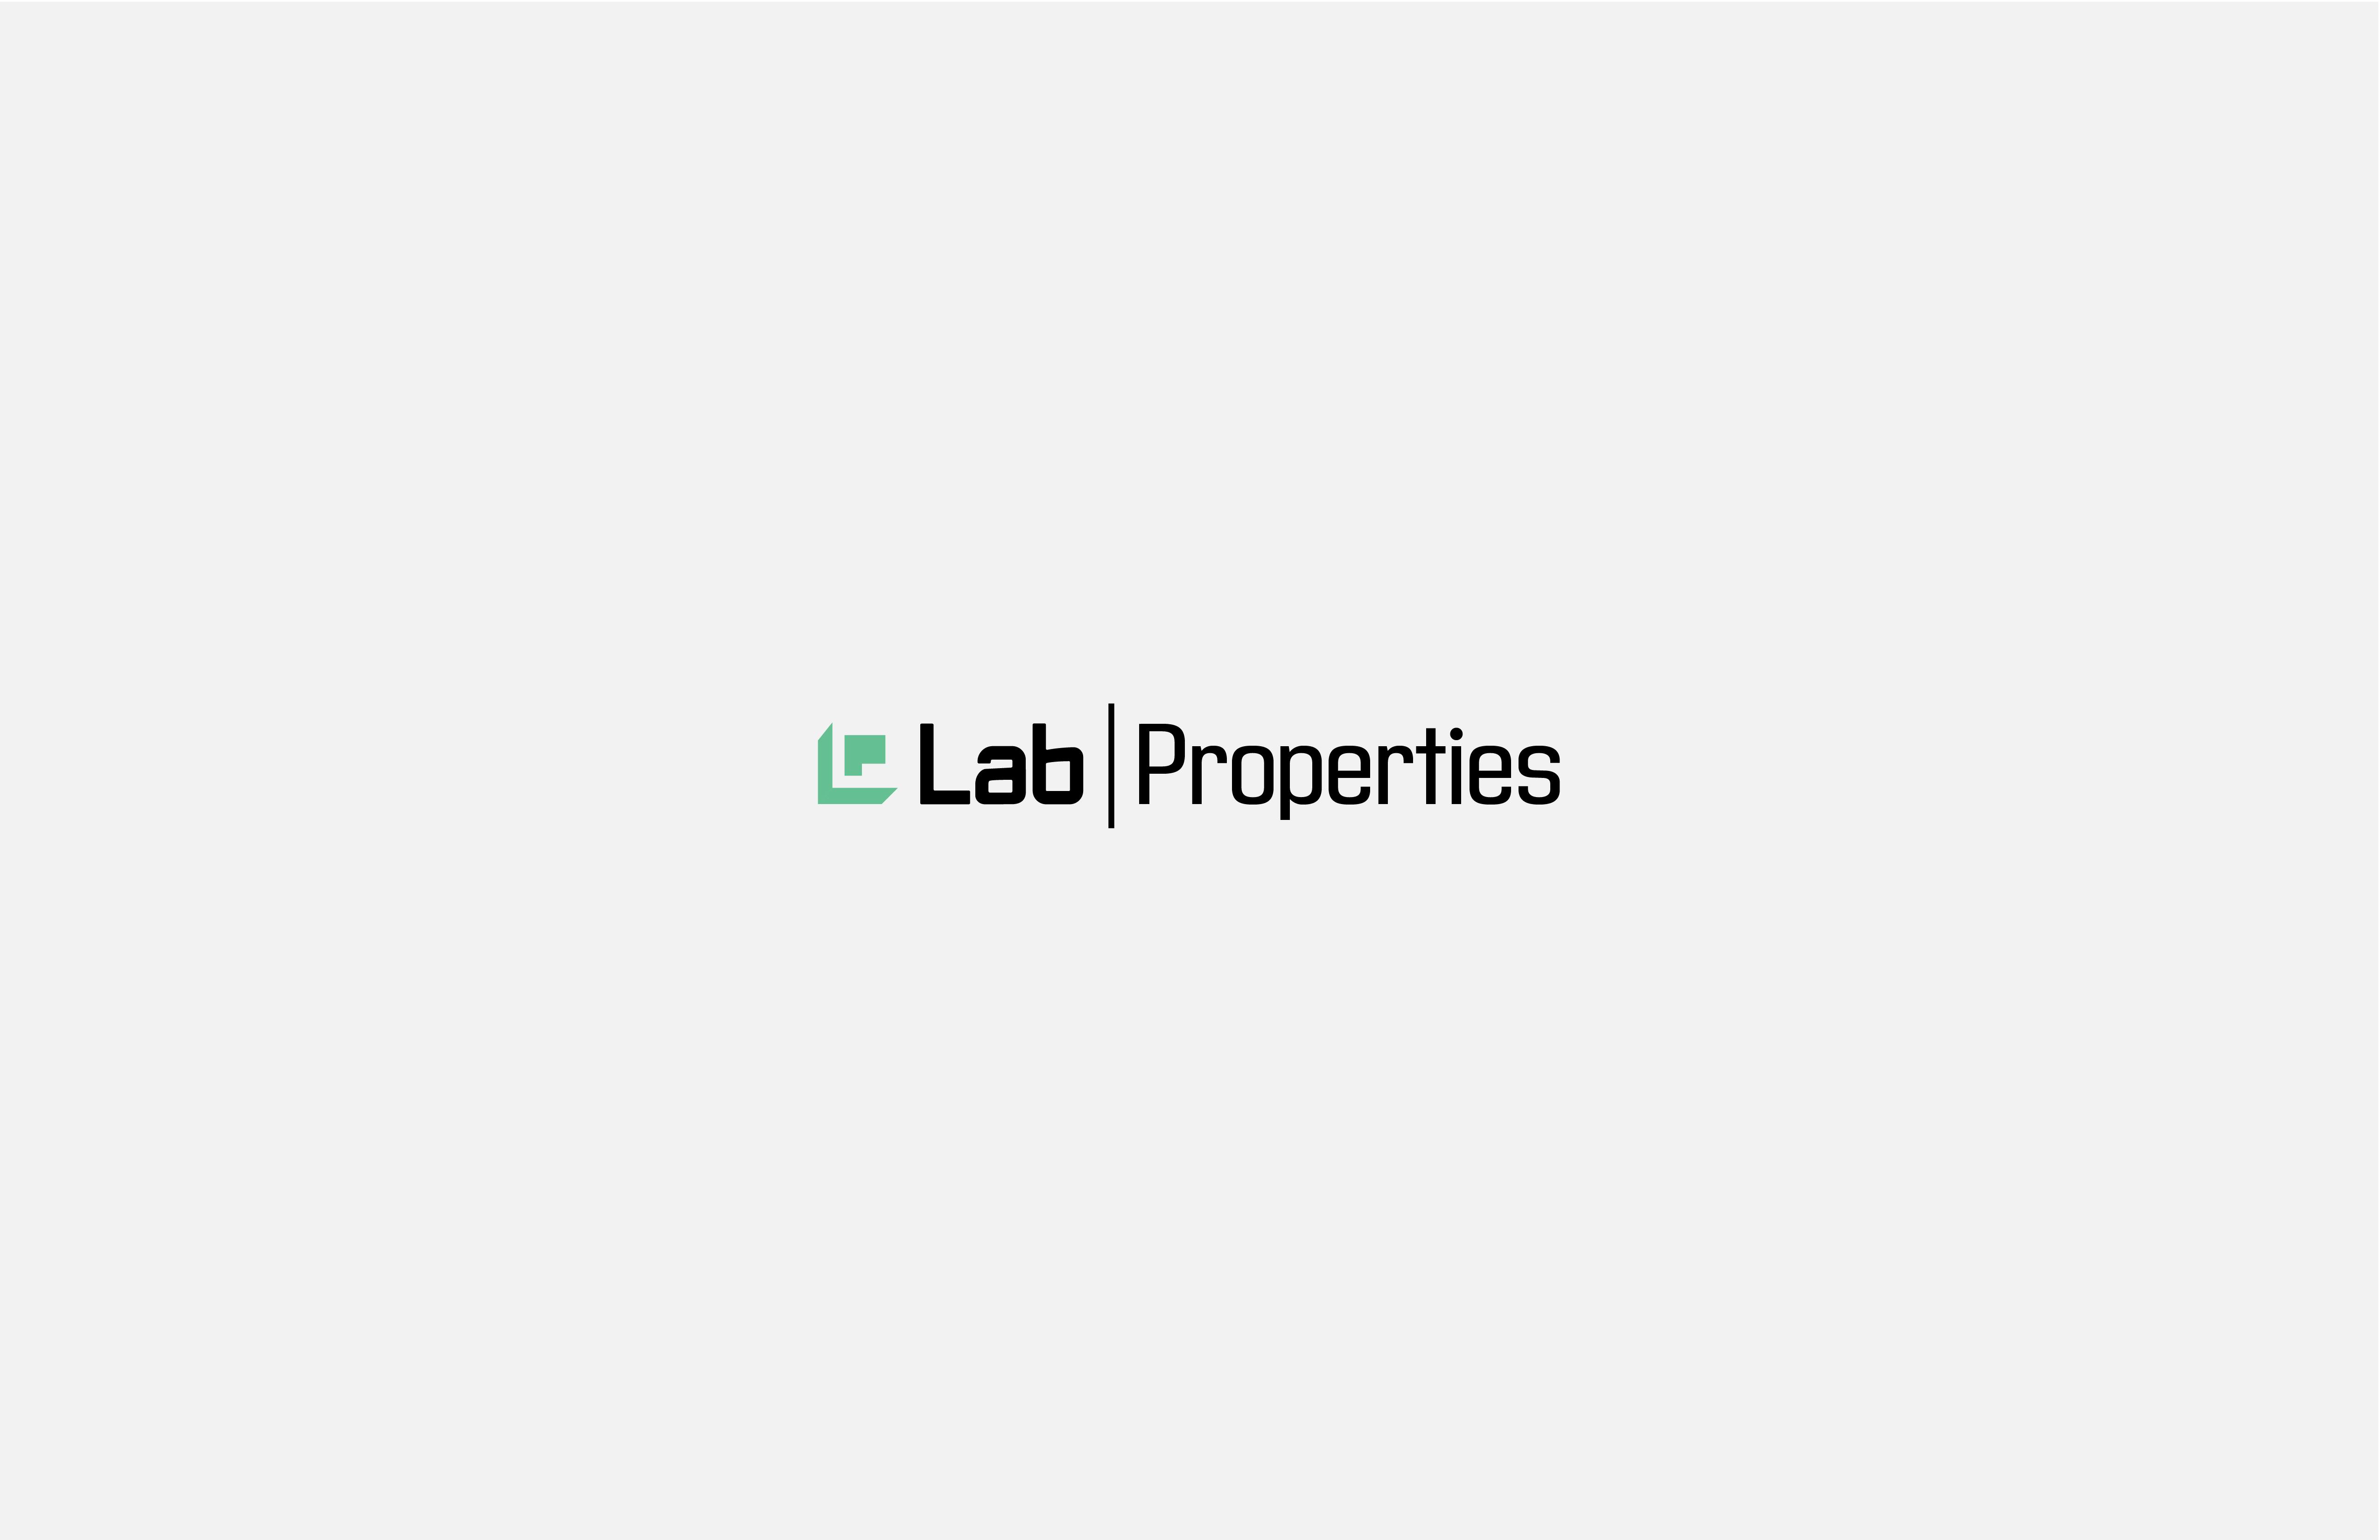 Lab Properties Typographic logo with green monogram icon